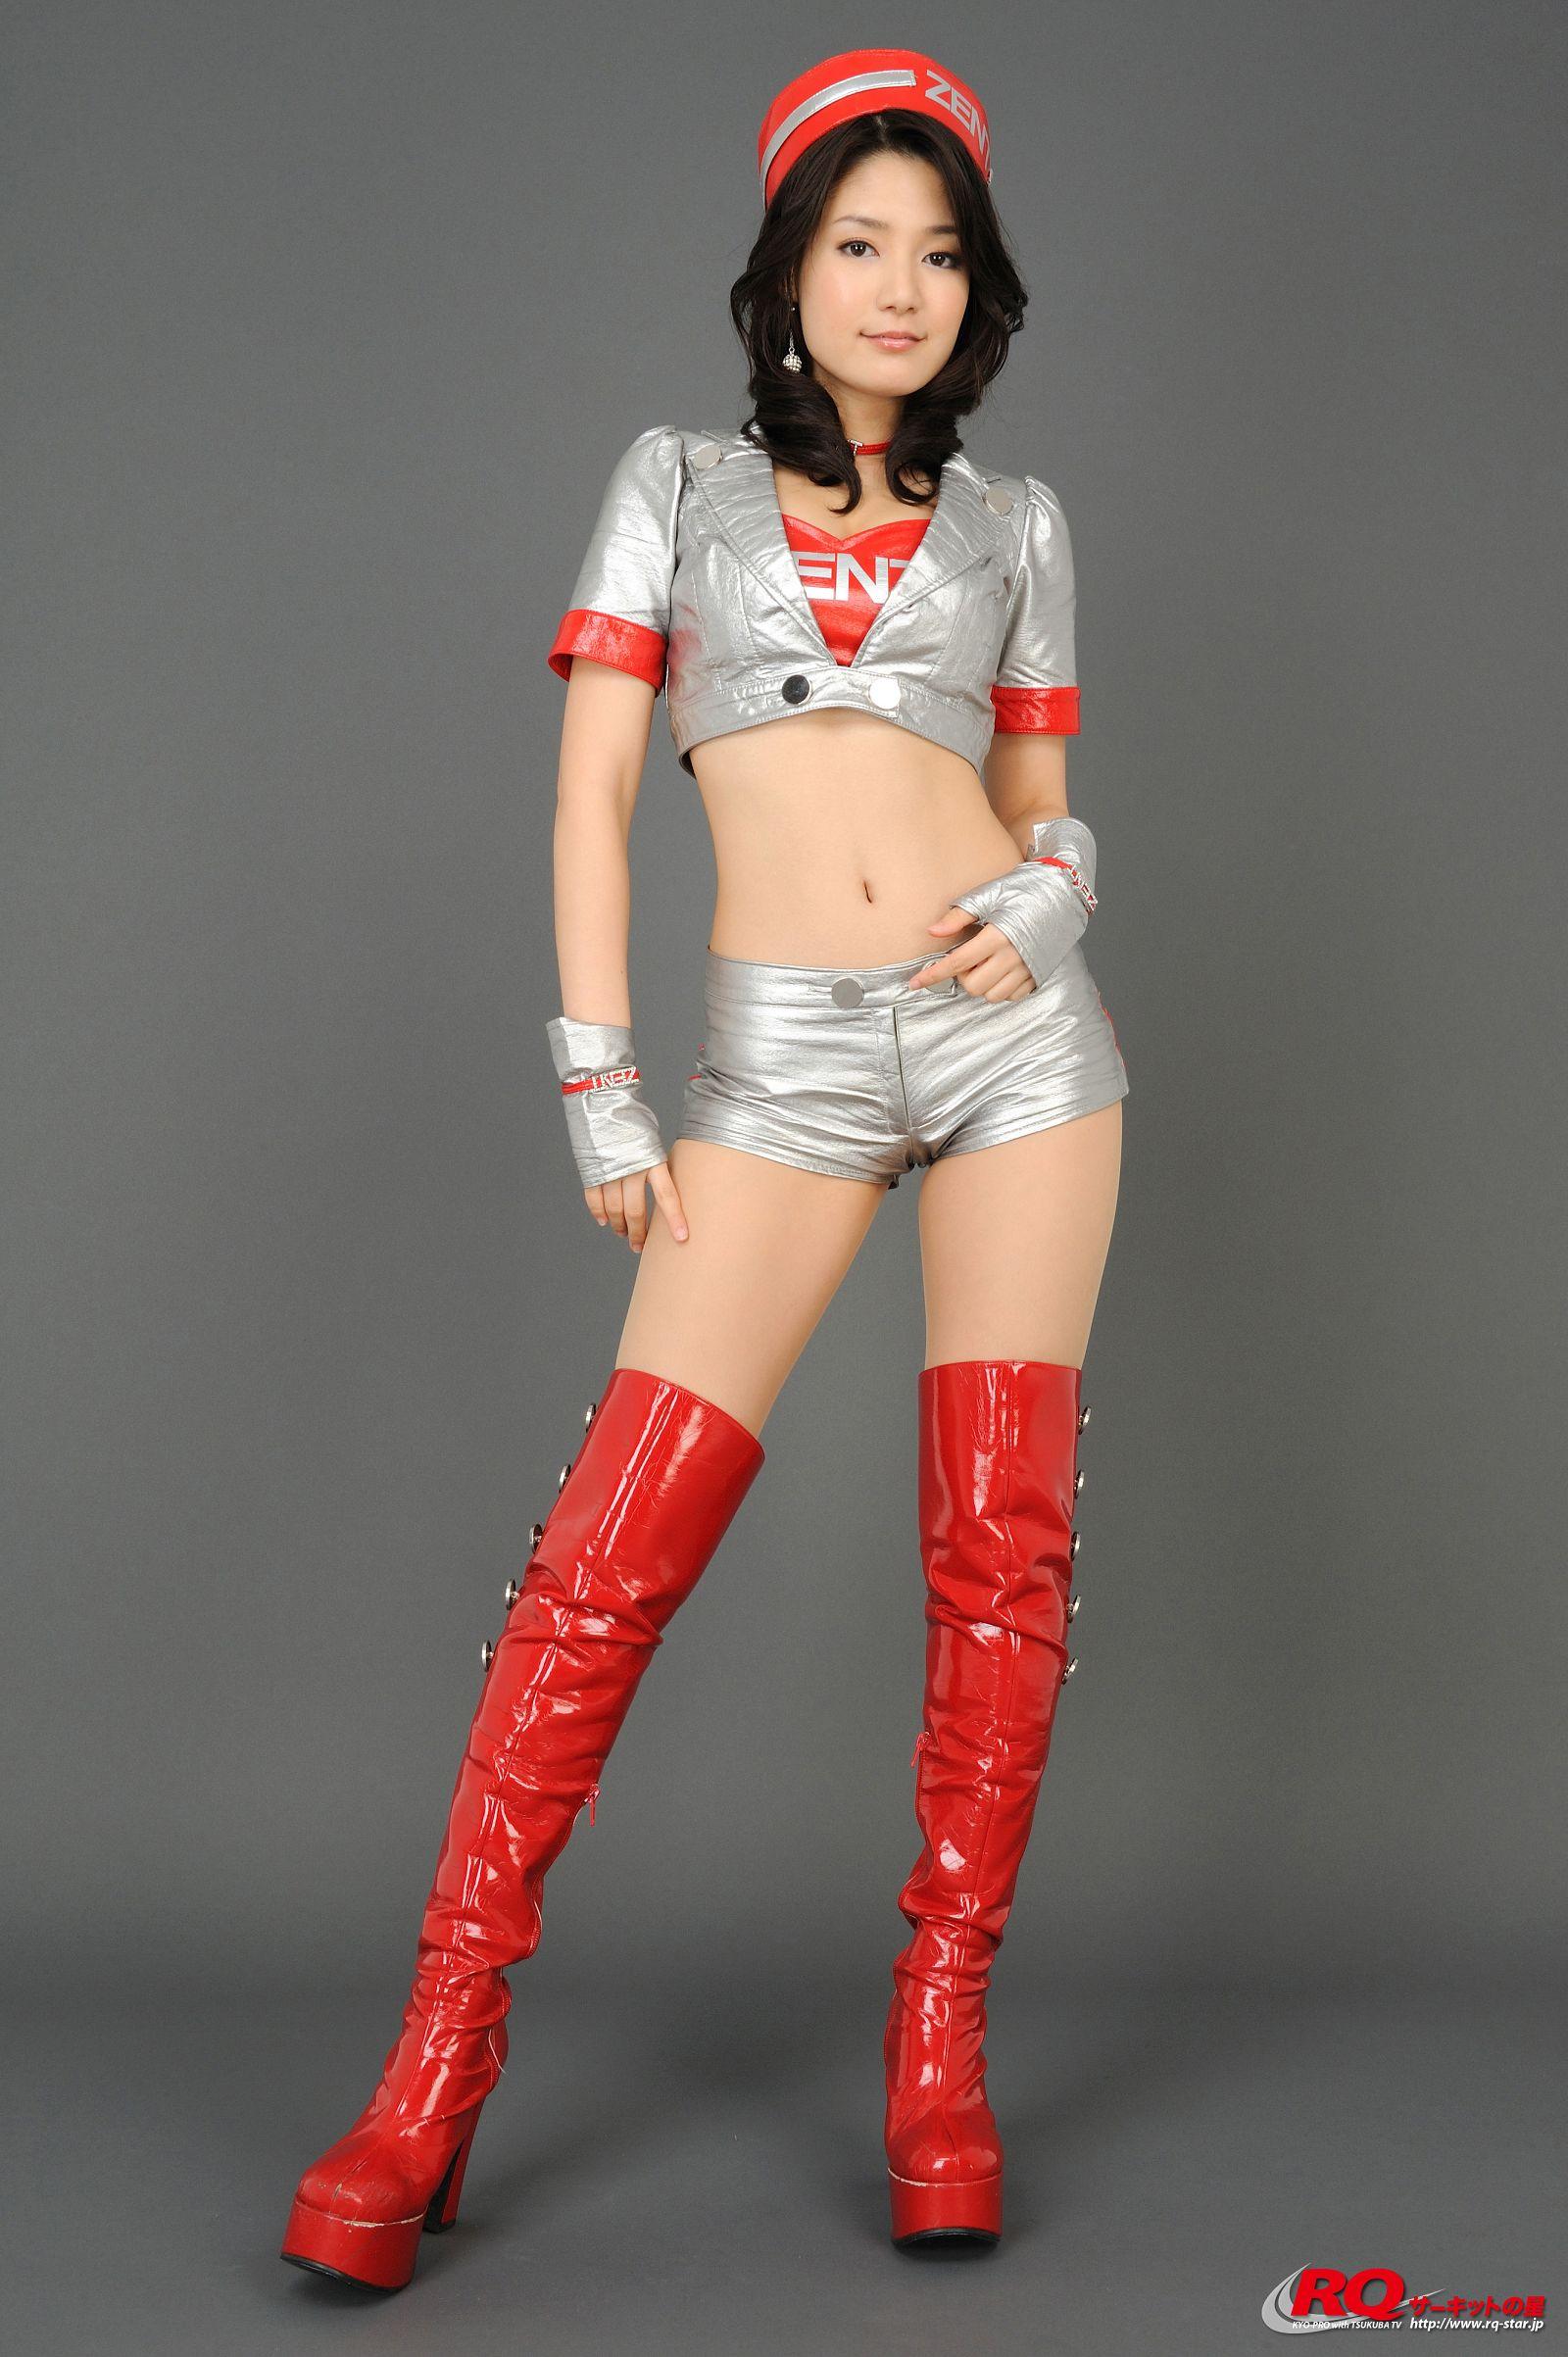 [RQ STAR美女] NO.00109 Hitomi Furusaki 古崎瞳 Race Queen 2008 Zent Sweeties[115P] RQ STAR 第1张